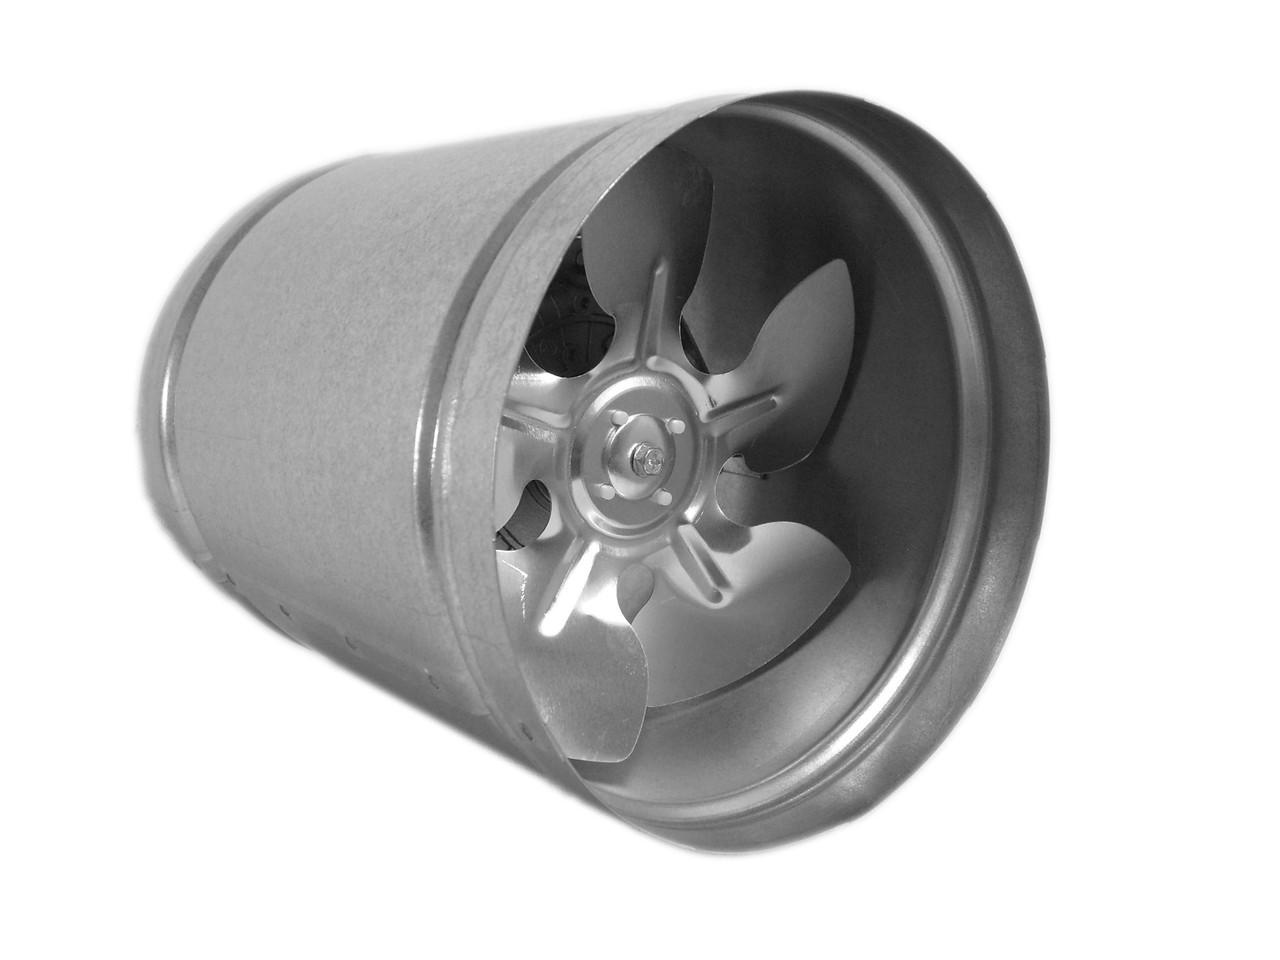 Вентилятор промисловий Dospel WB 315 (007-0120)